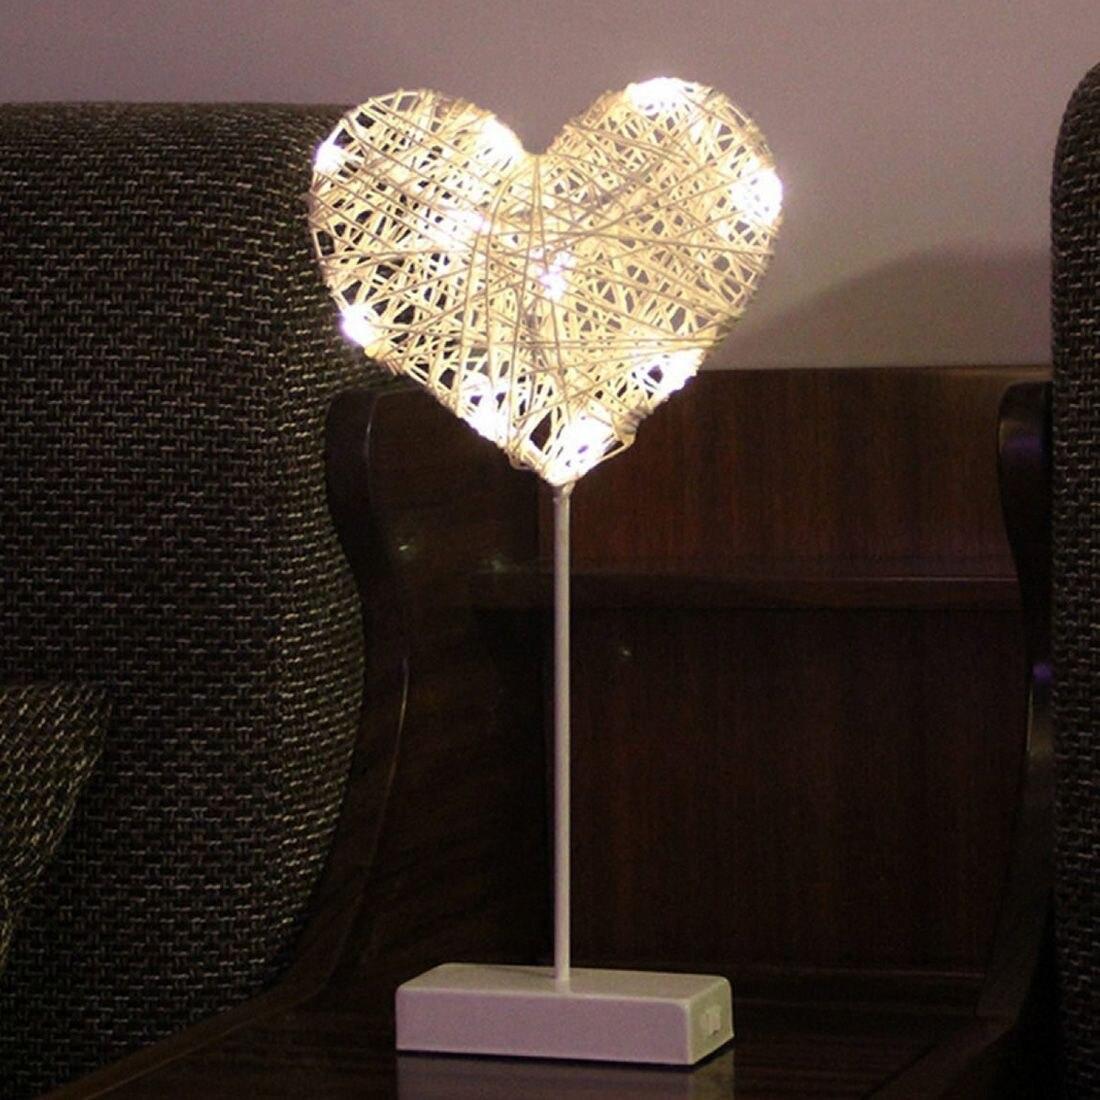 Schreibtischlampen Usb Lade Cartoon Tisch Lampe Finger Gefühl Schalter Led Augenschutz Lampe Faltbare Schlafsaal Lesen Leder Lampe Verkauf